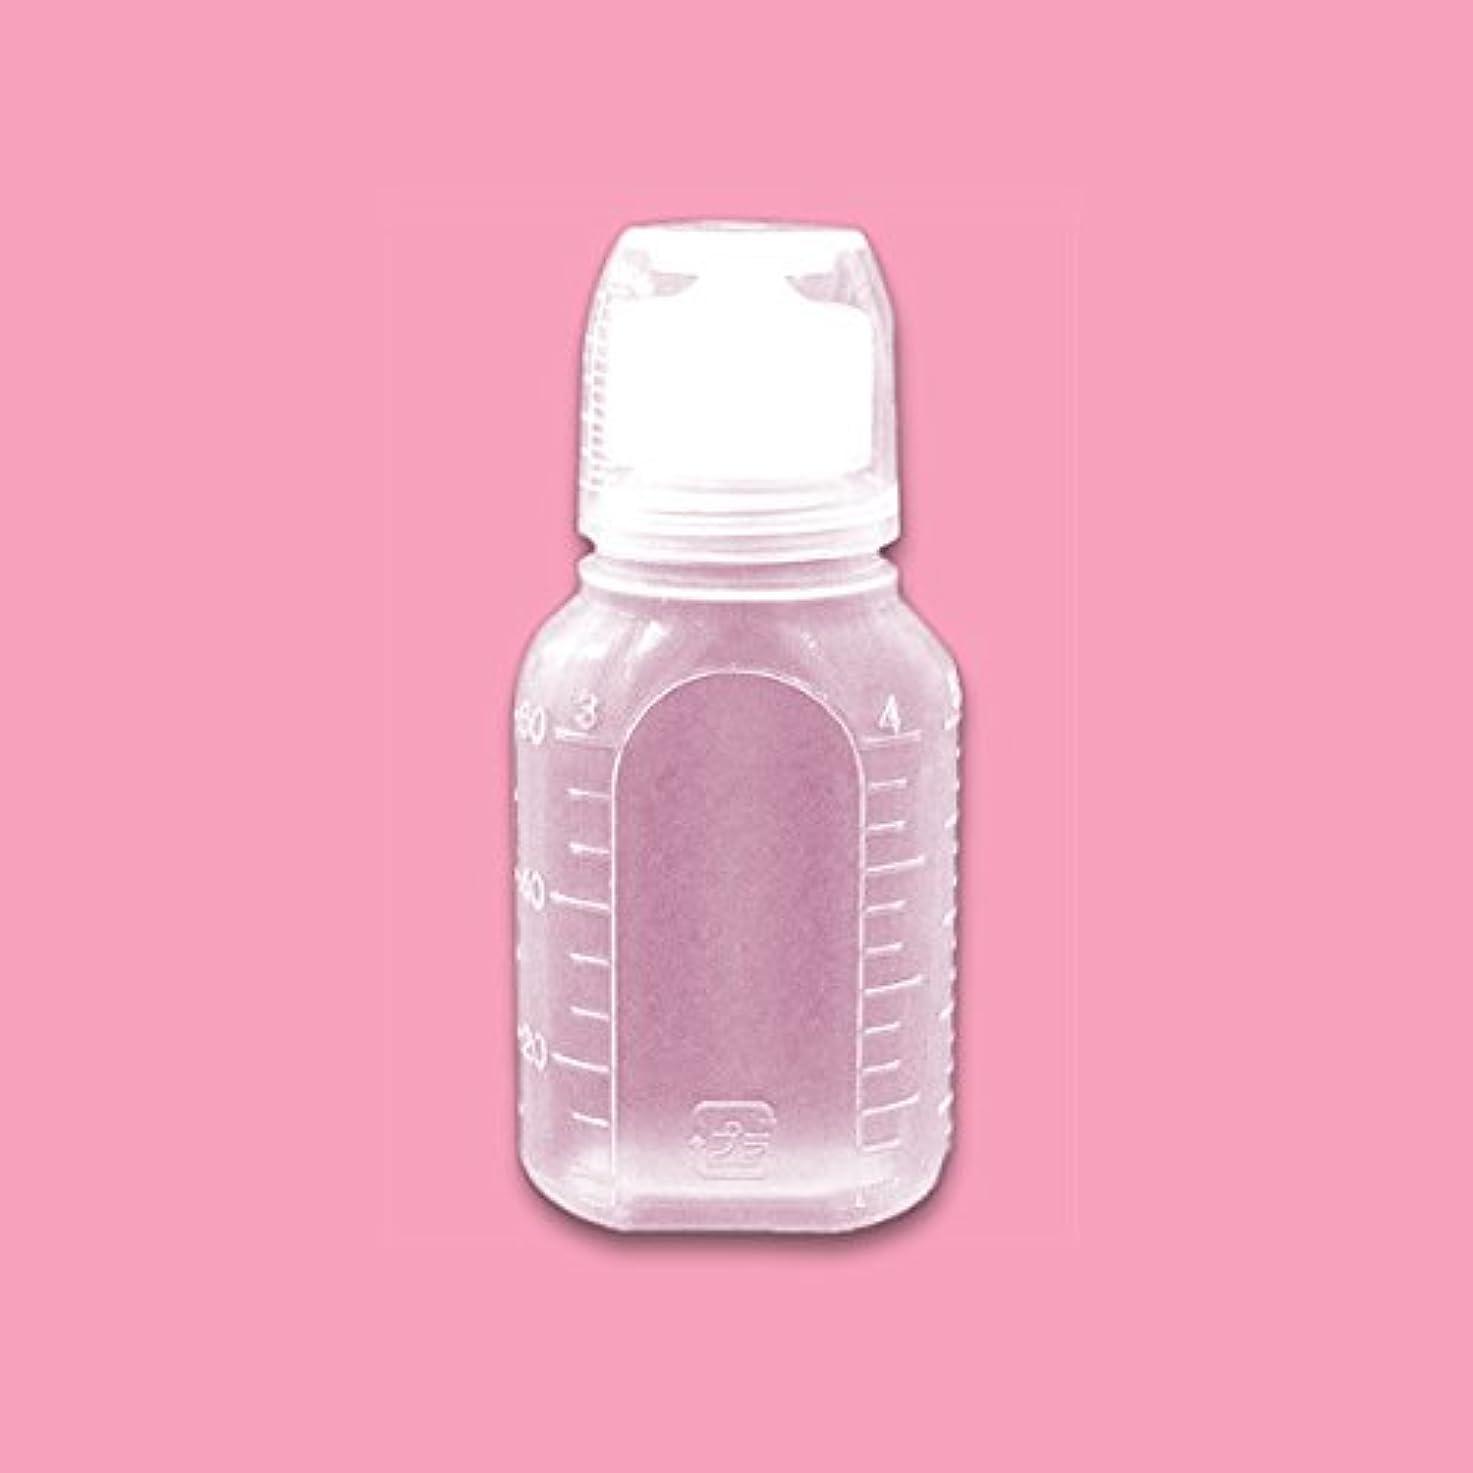 中古面正当な液体用空ボトル 60g 5個入 [ 空ボトル 空容器 詰め替え用 うがい薬 ローションボトル サンプル用 ]◆